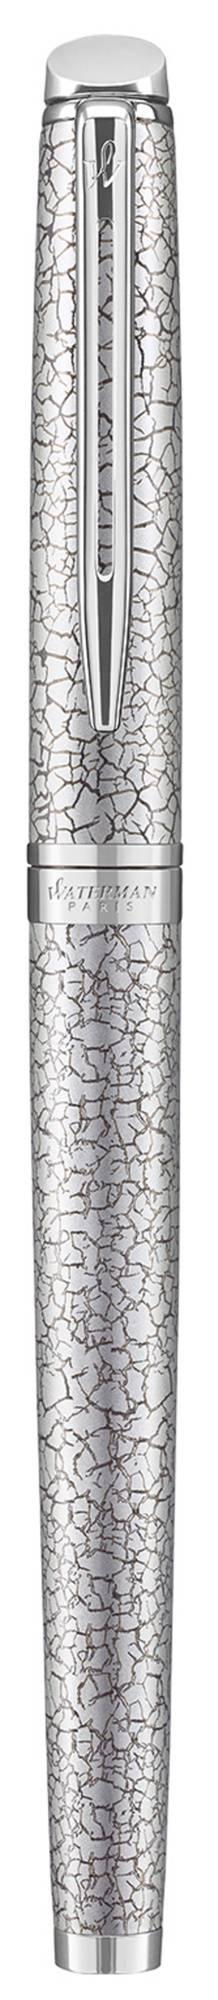 Ручка перьевая Waterman Hemisphere Deluxe Cracked Pattern CT (2042895) - фото 2